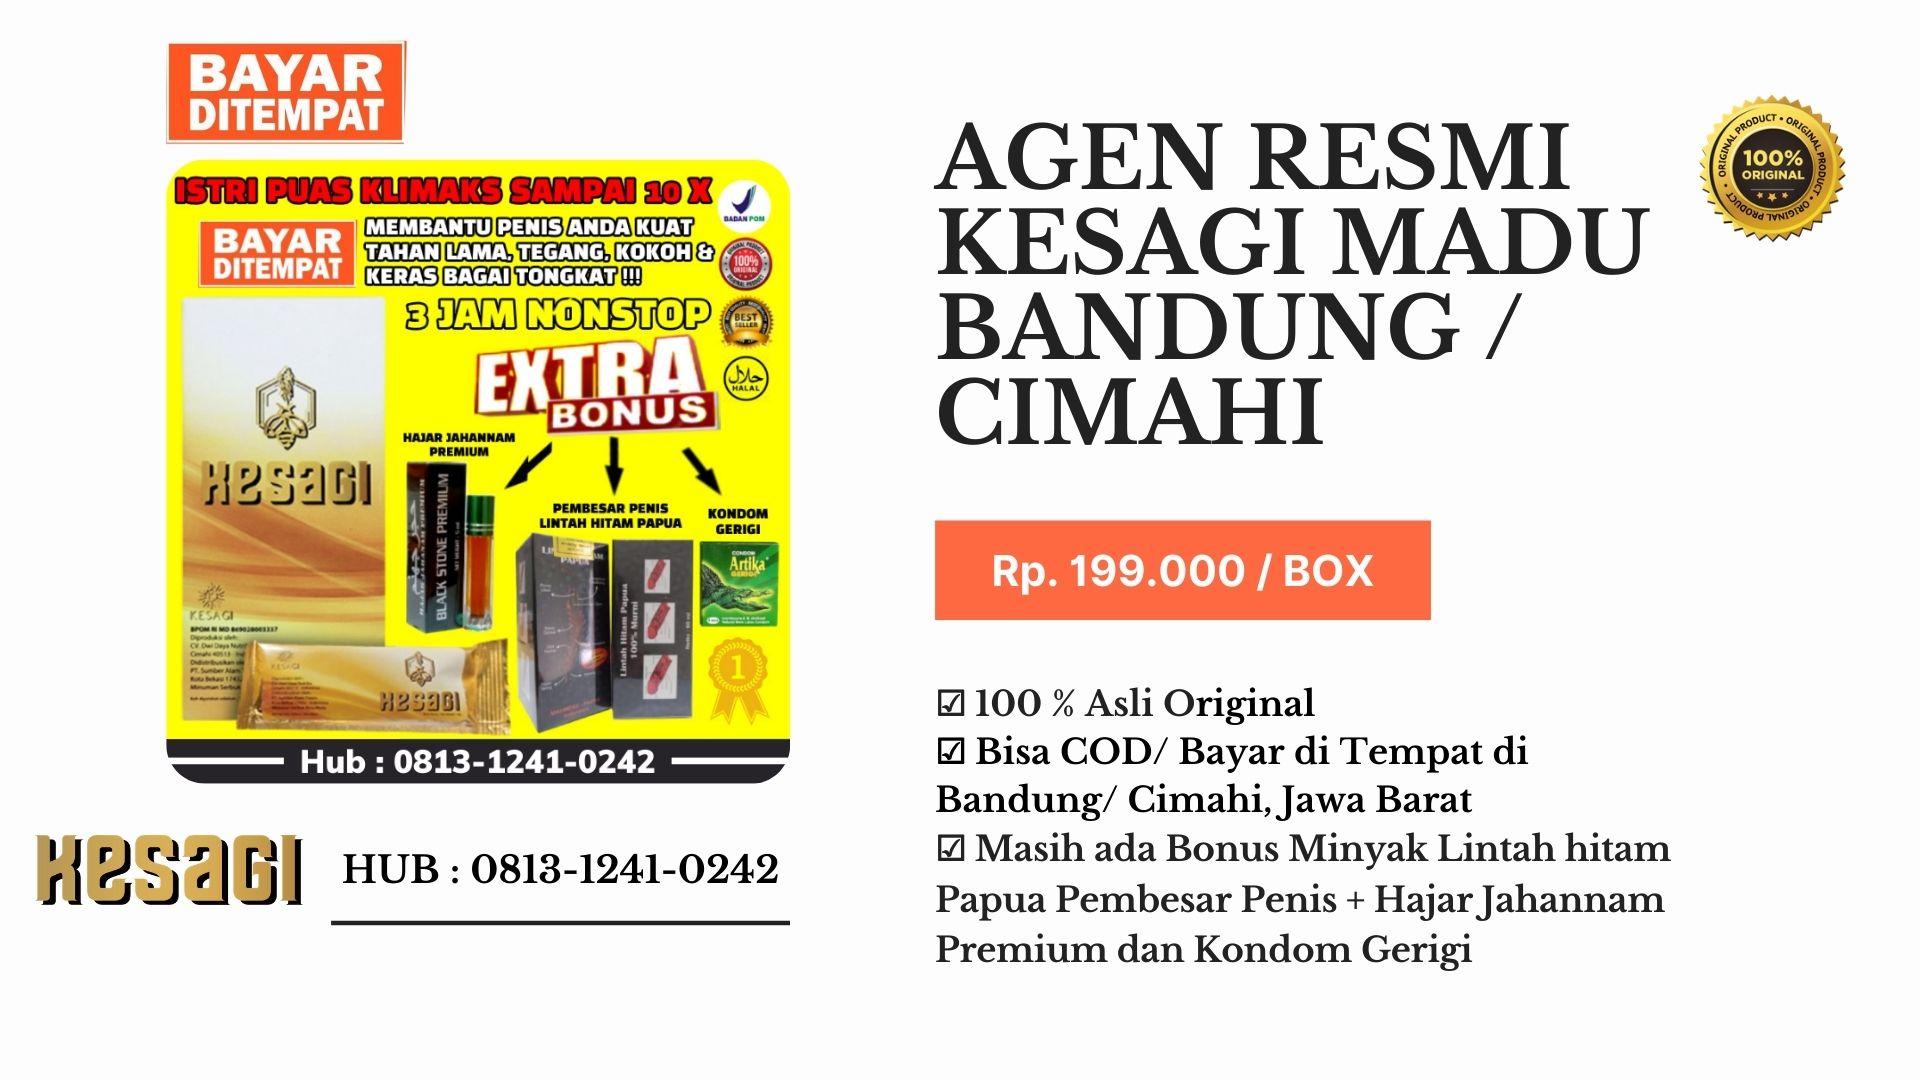 Agen Kesagi Cimahi/Bandung Hub : 0813-1241-0242-COD